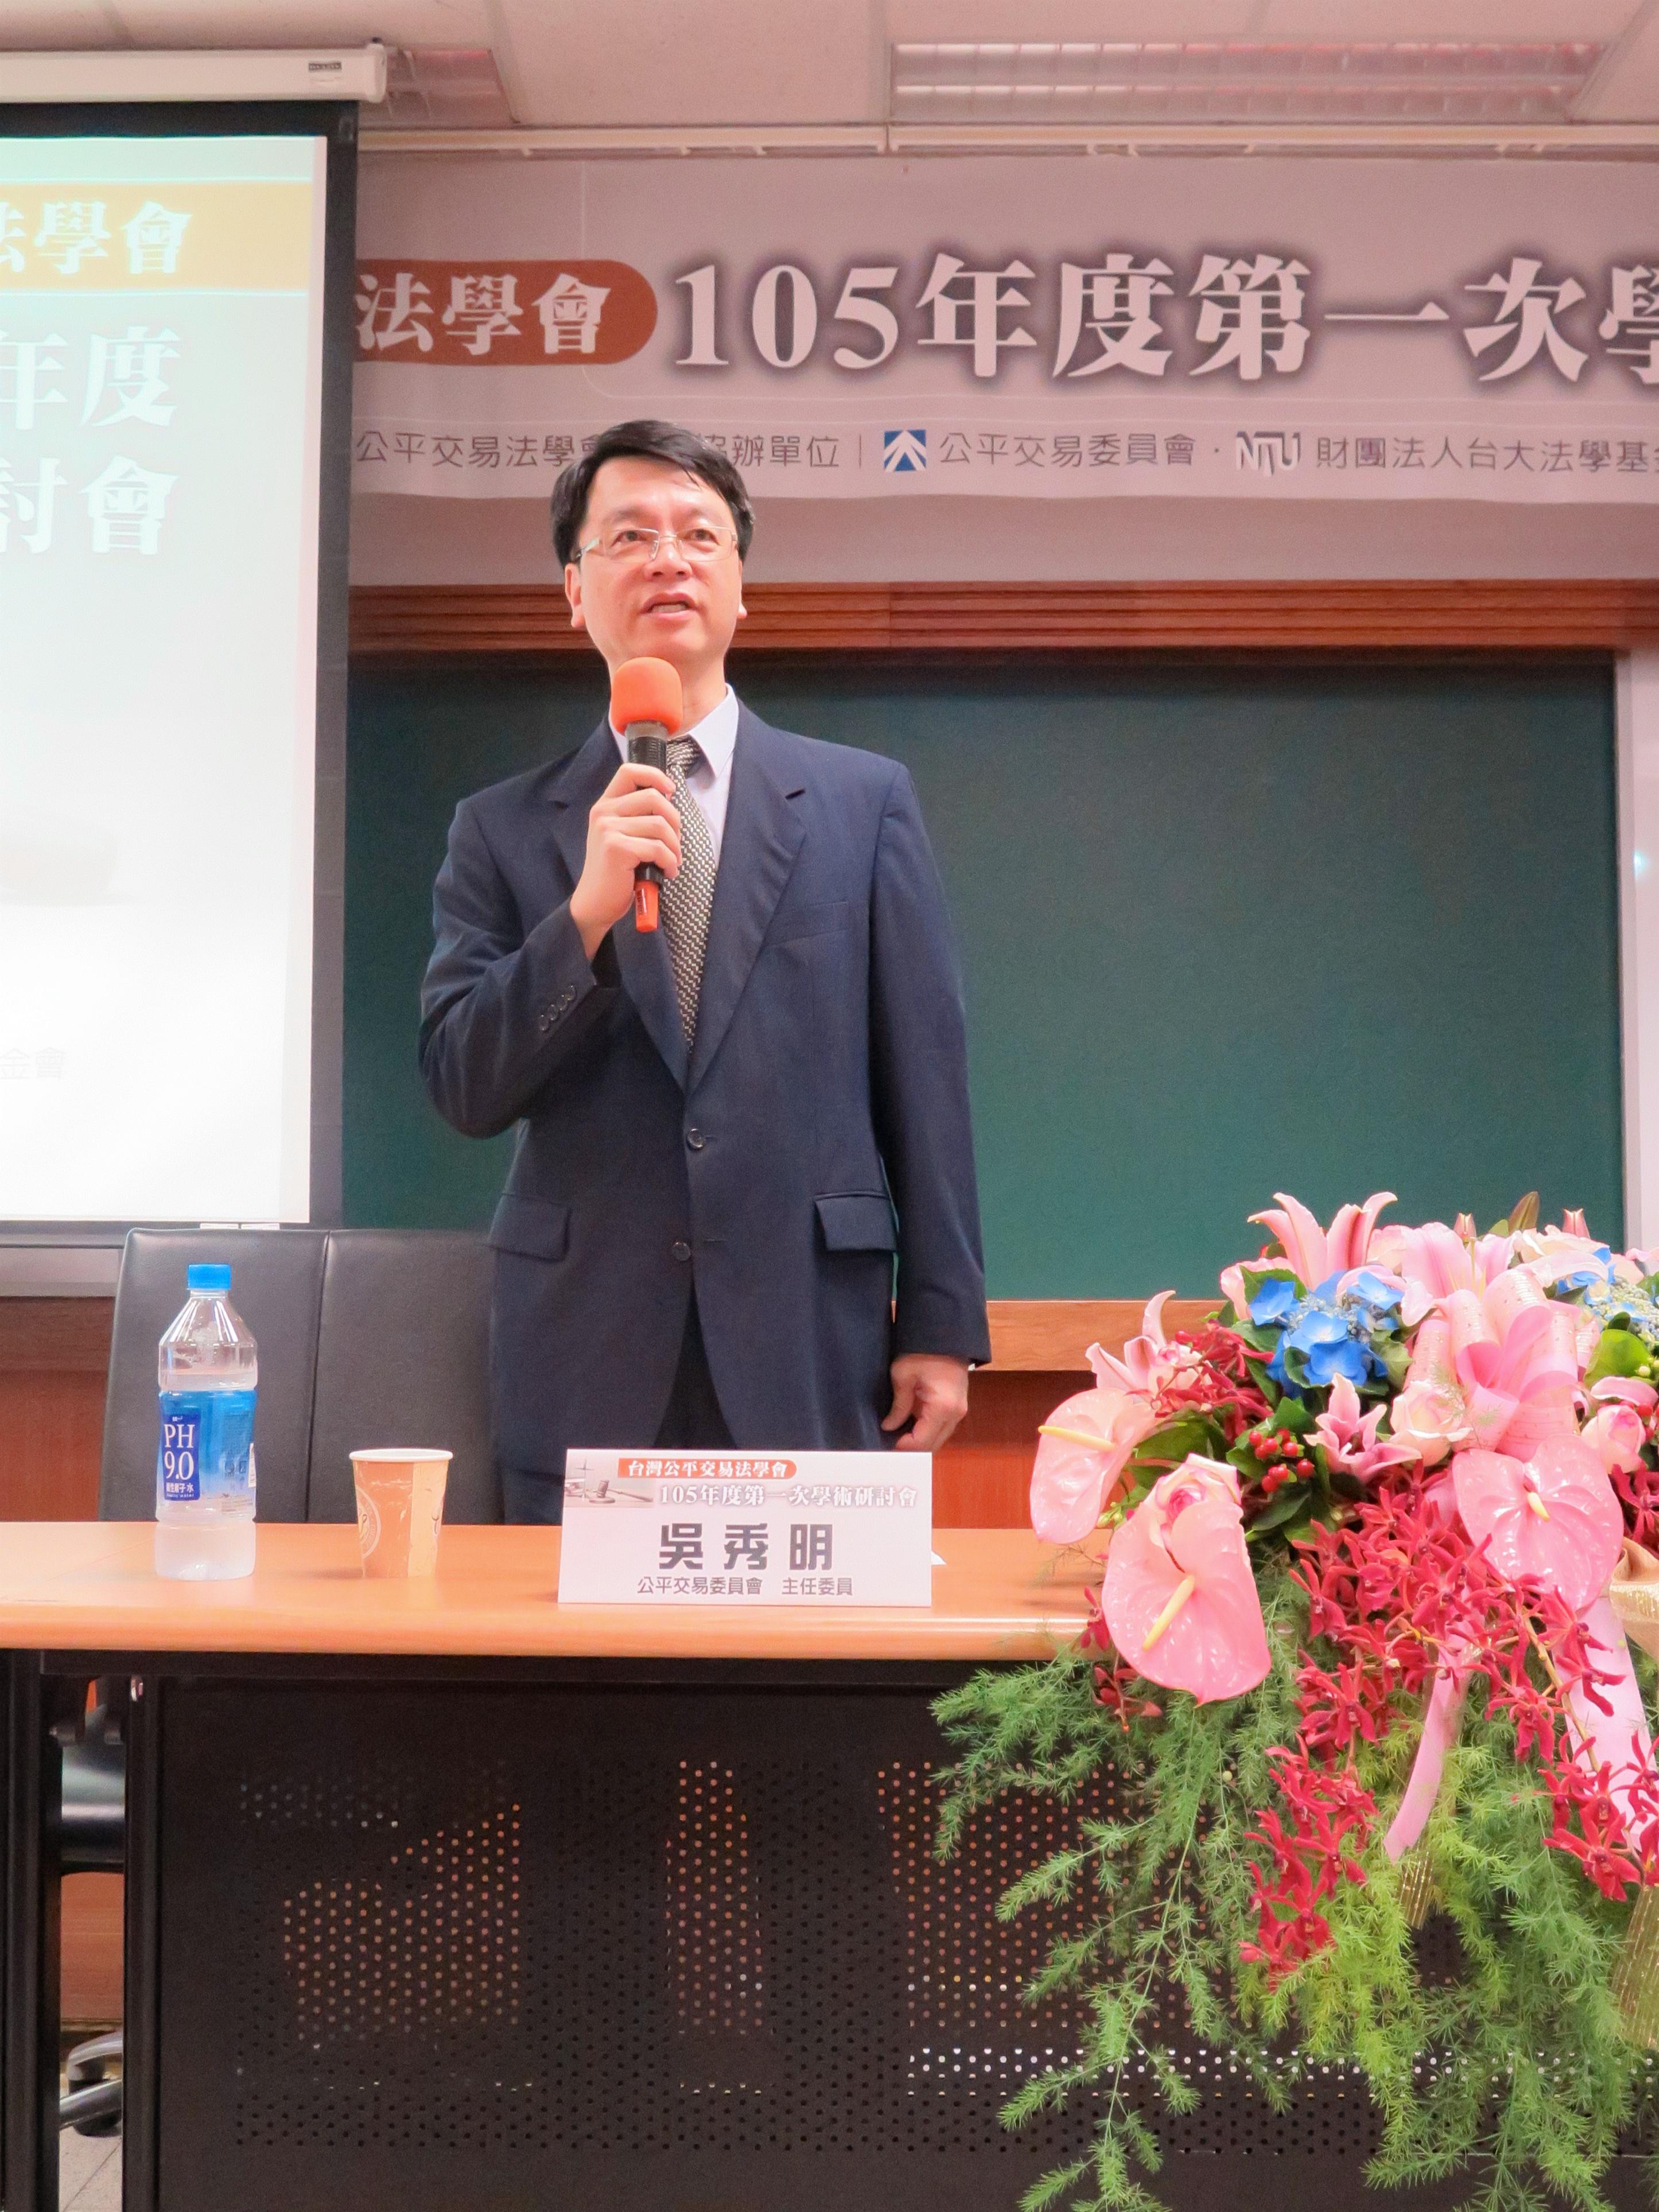 吳前主任委員於105年5月28日受邀至台灣公平交易法學會「105年度第一次學術研討會」致詞